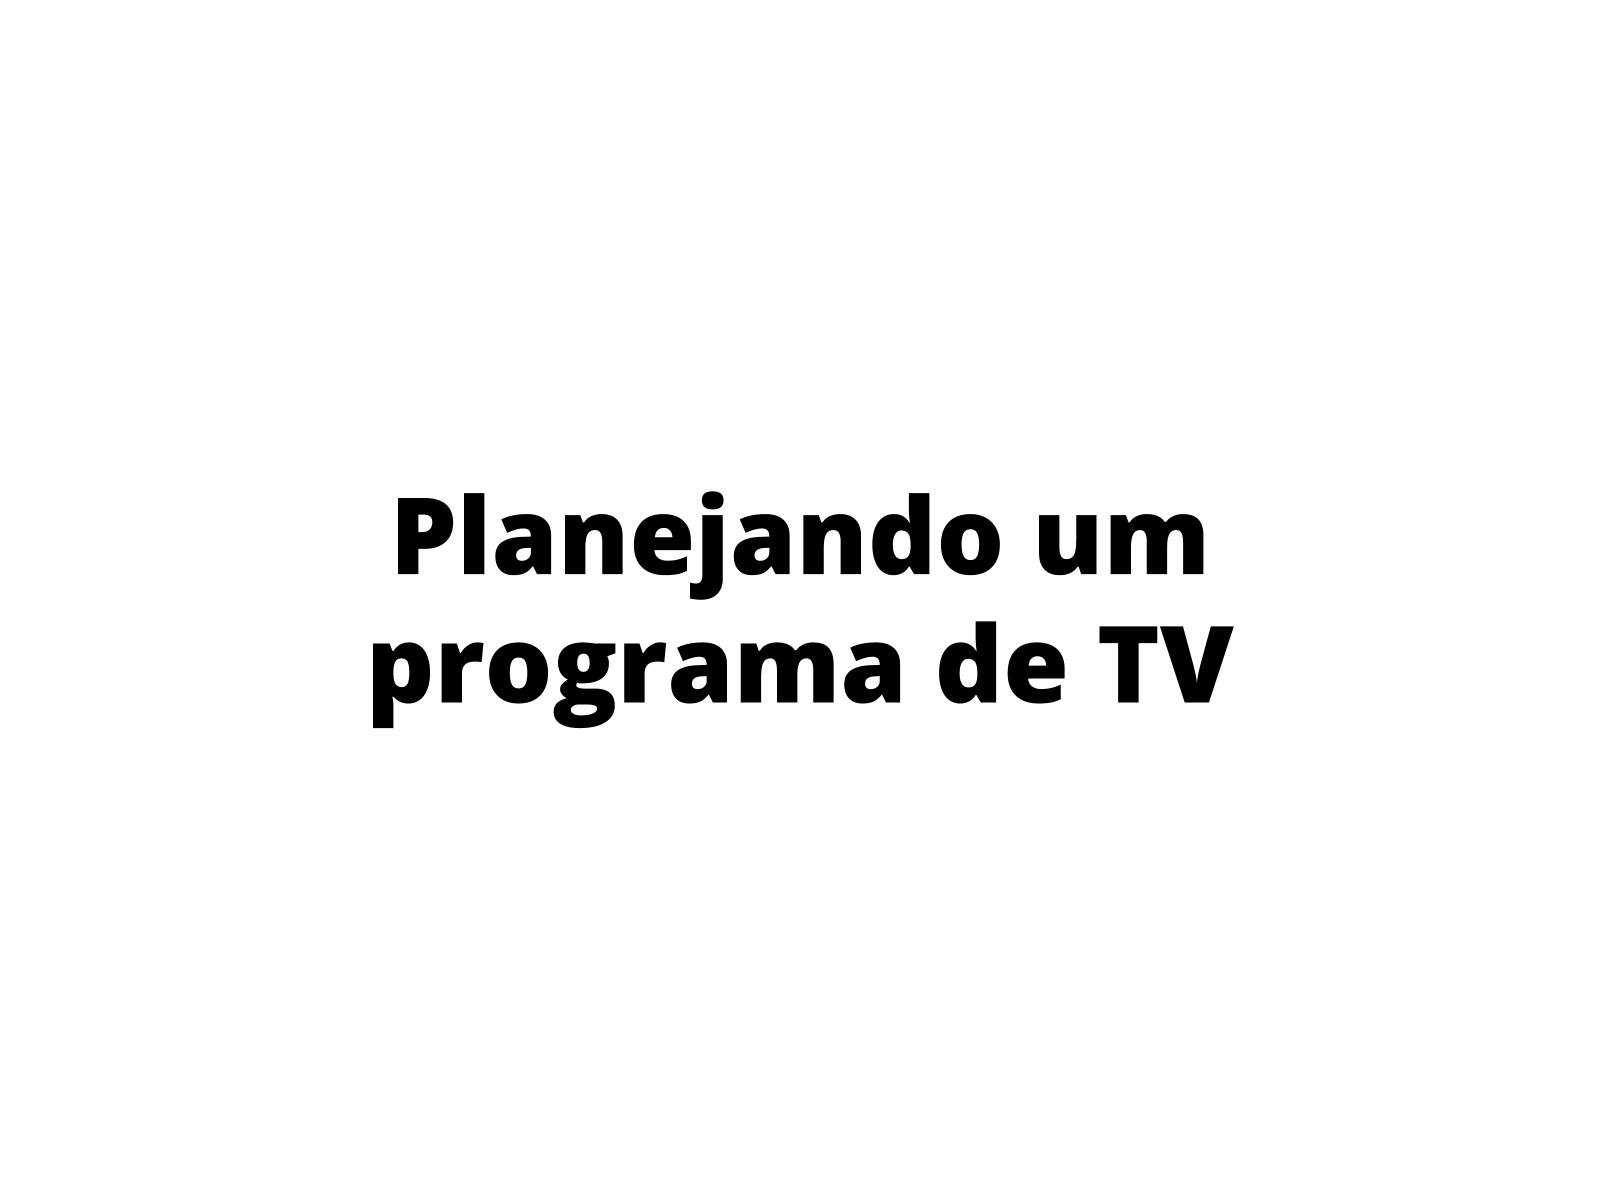 Planejando um quadro de programa de TV sobre reclamações dos telespectadores